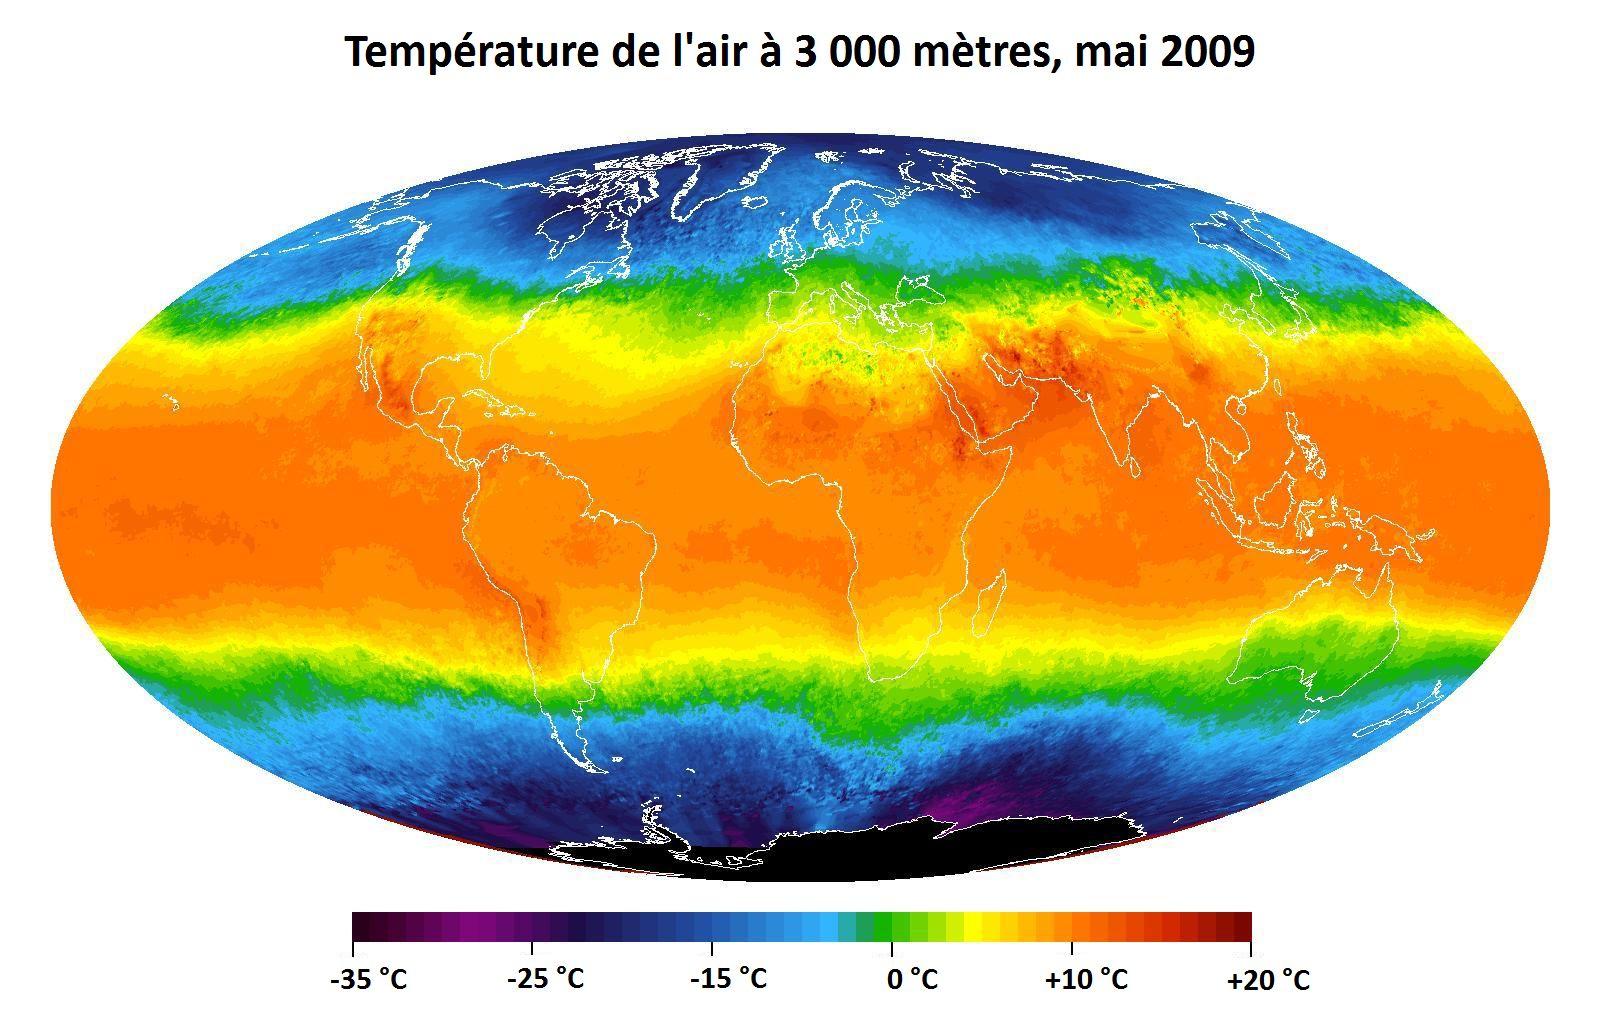 Anomalies de températures